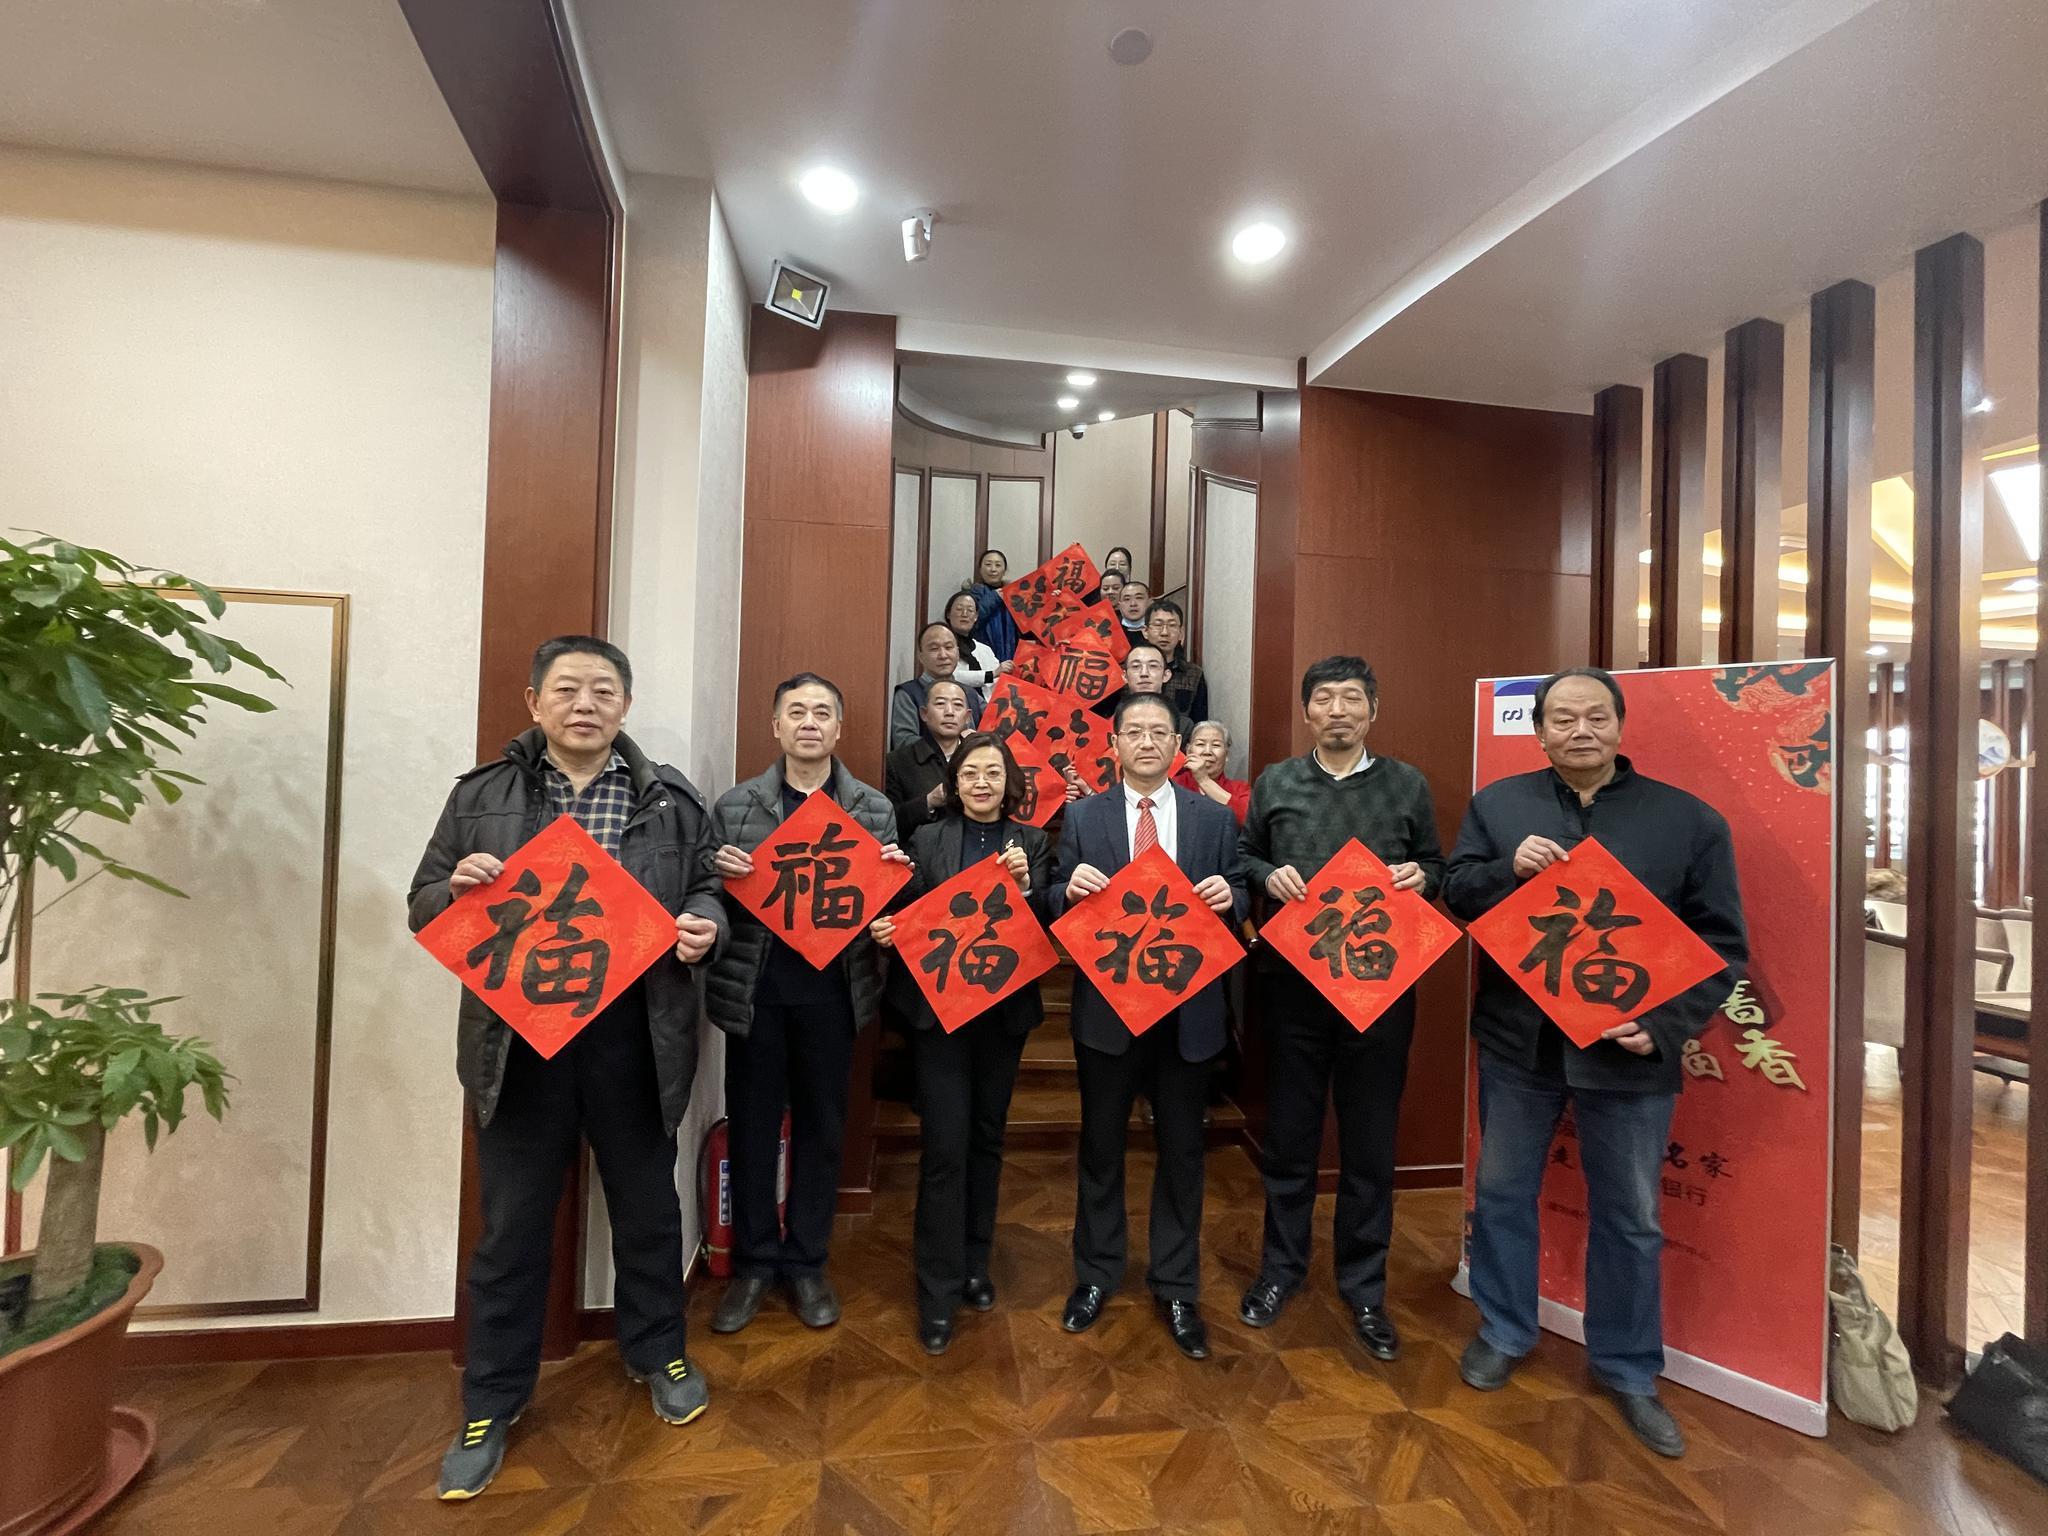 笔墨凝书香,新春送万福 新浪书画频道系列活动